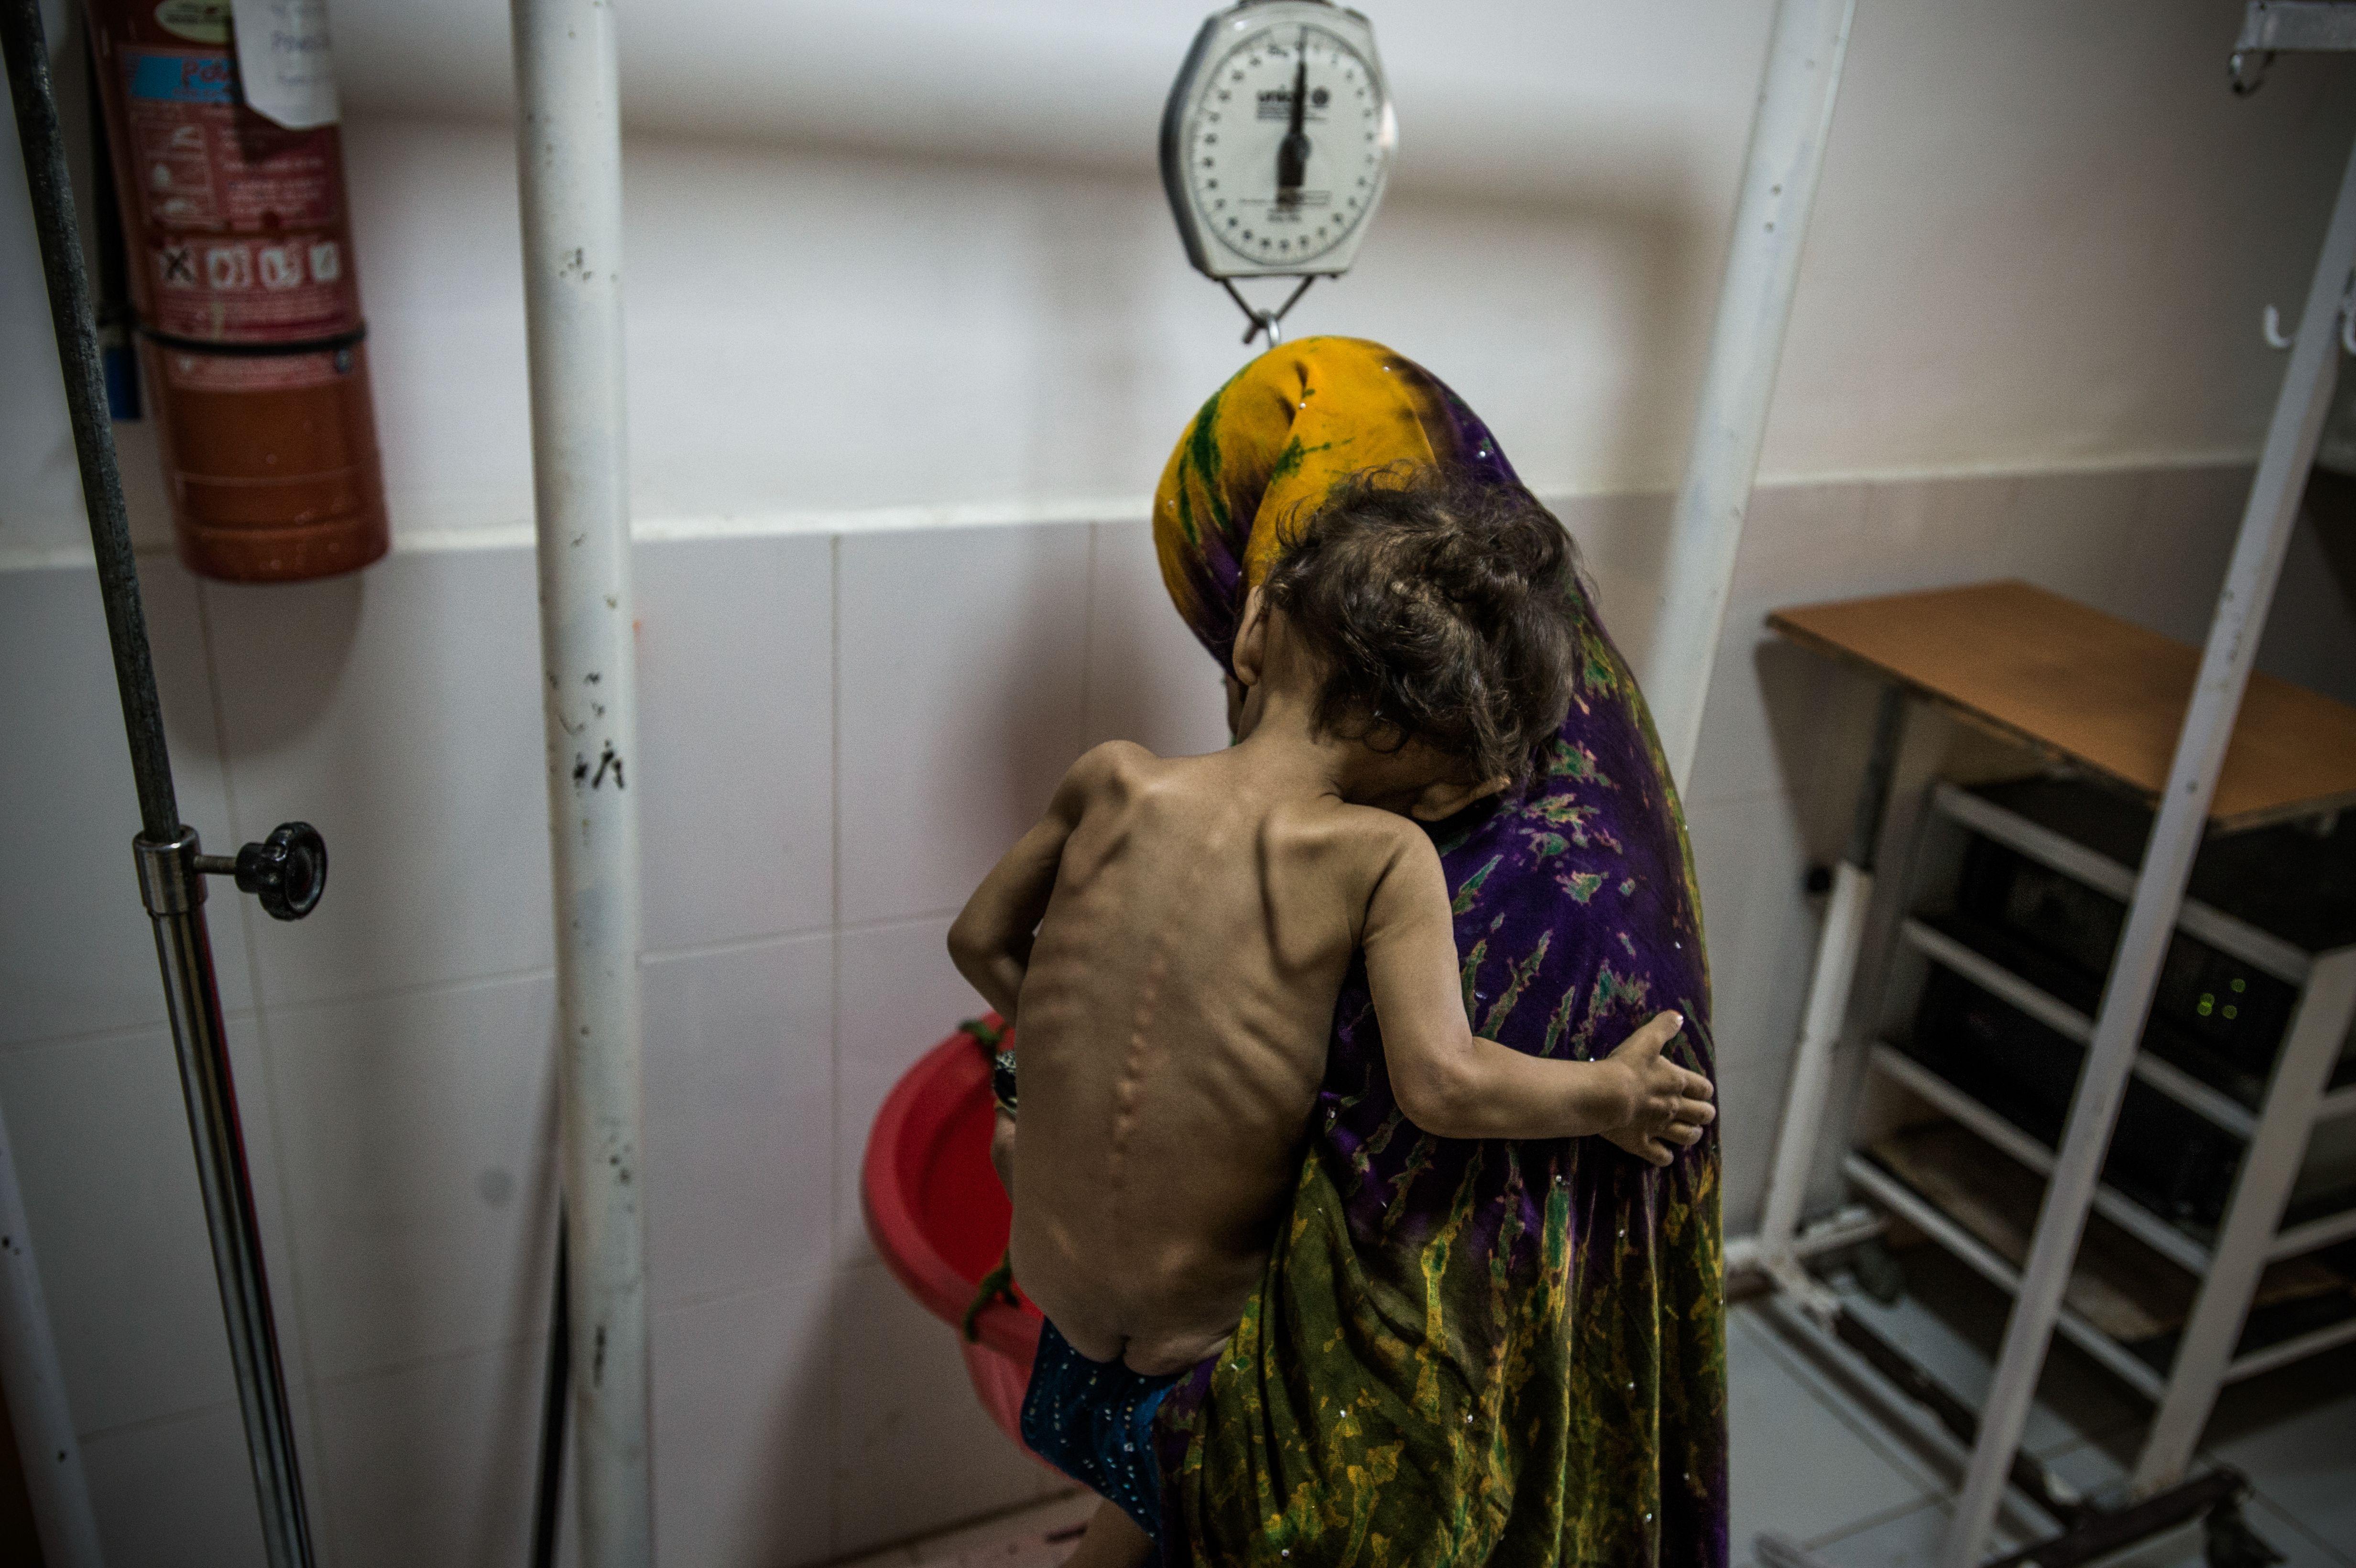 Un nina con desnutrición severa en el centro de nutrición terapéutica en el hospital de Boost, Lashkar Gah, Helmand, Afganistán (Foto: Kadir van Lohuizen/Noor)